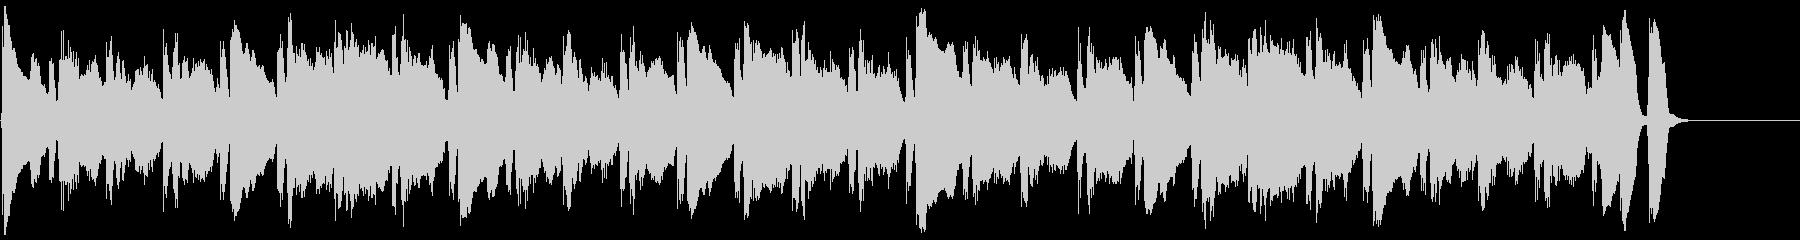 ネットCM 30秒 フルートB 日常の未再生の波形